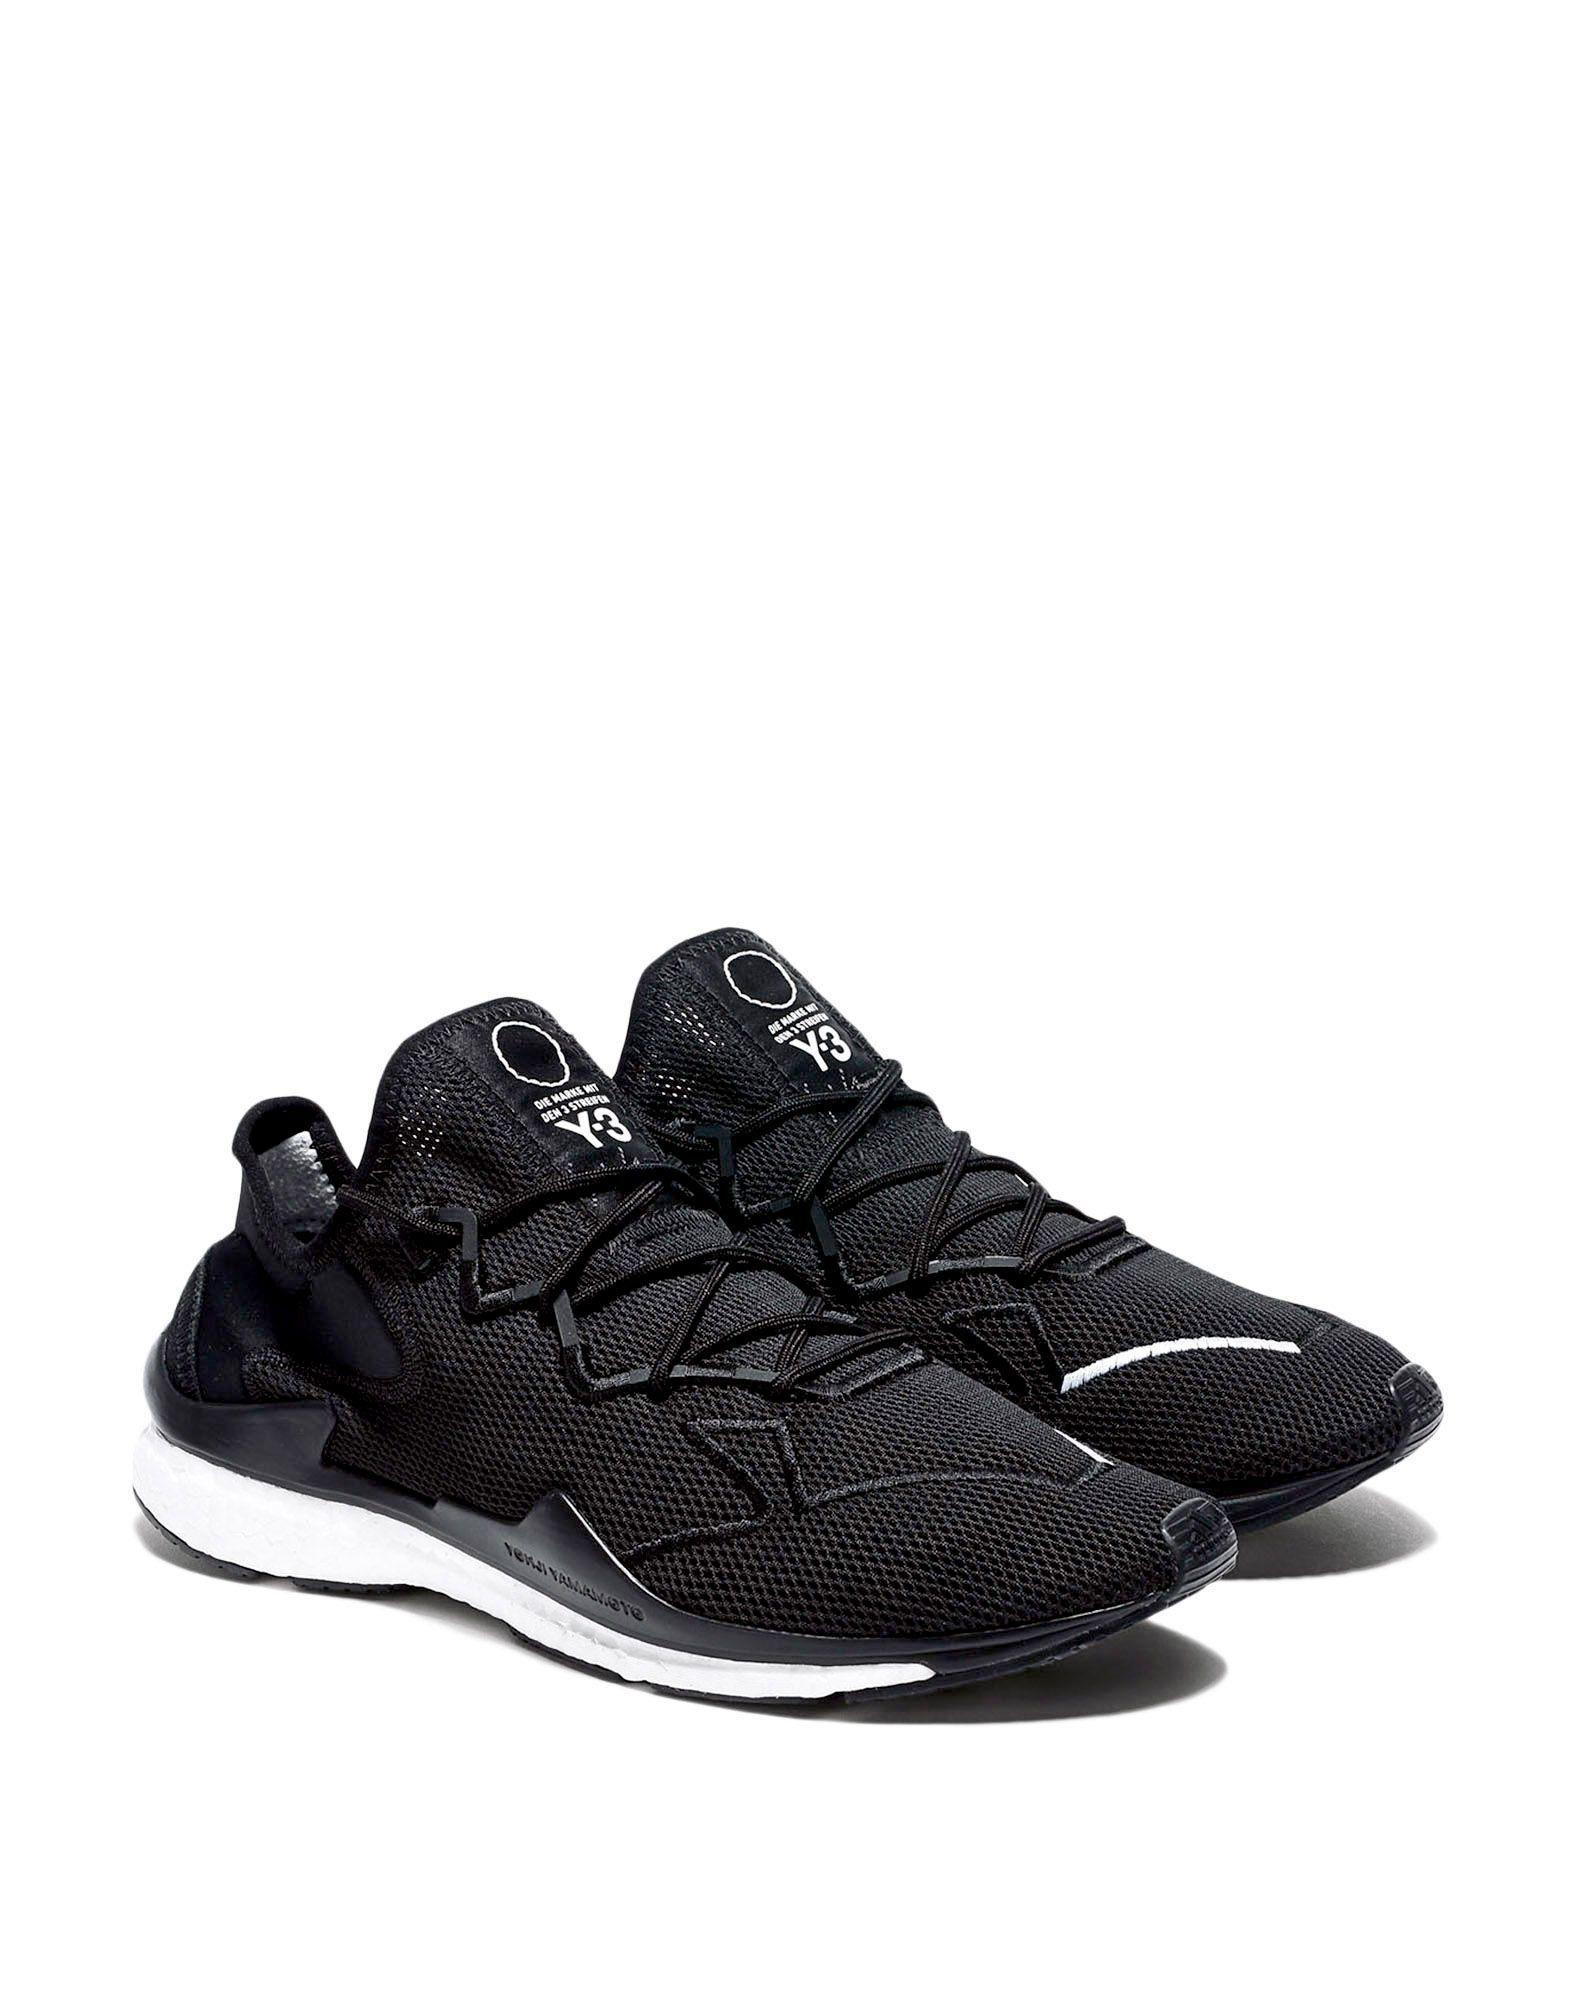 7034d610a Y-3 Y-3 Adizero Runner Sneakers E r